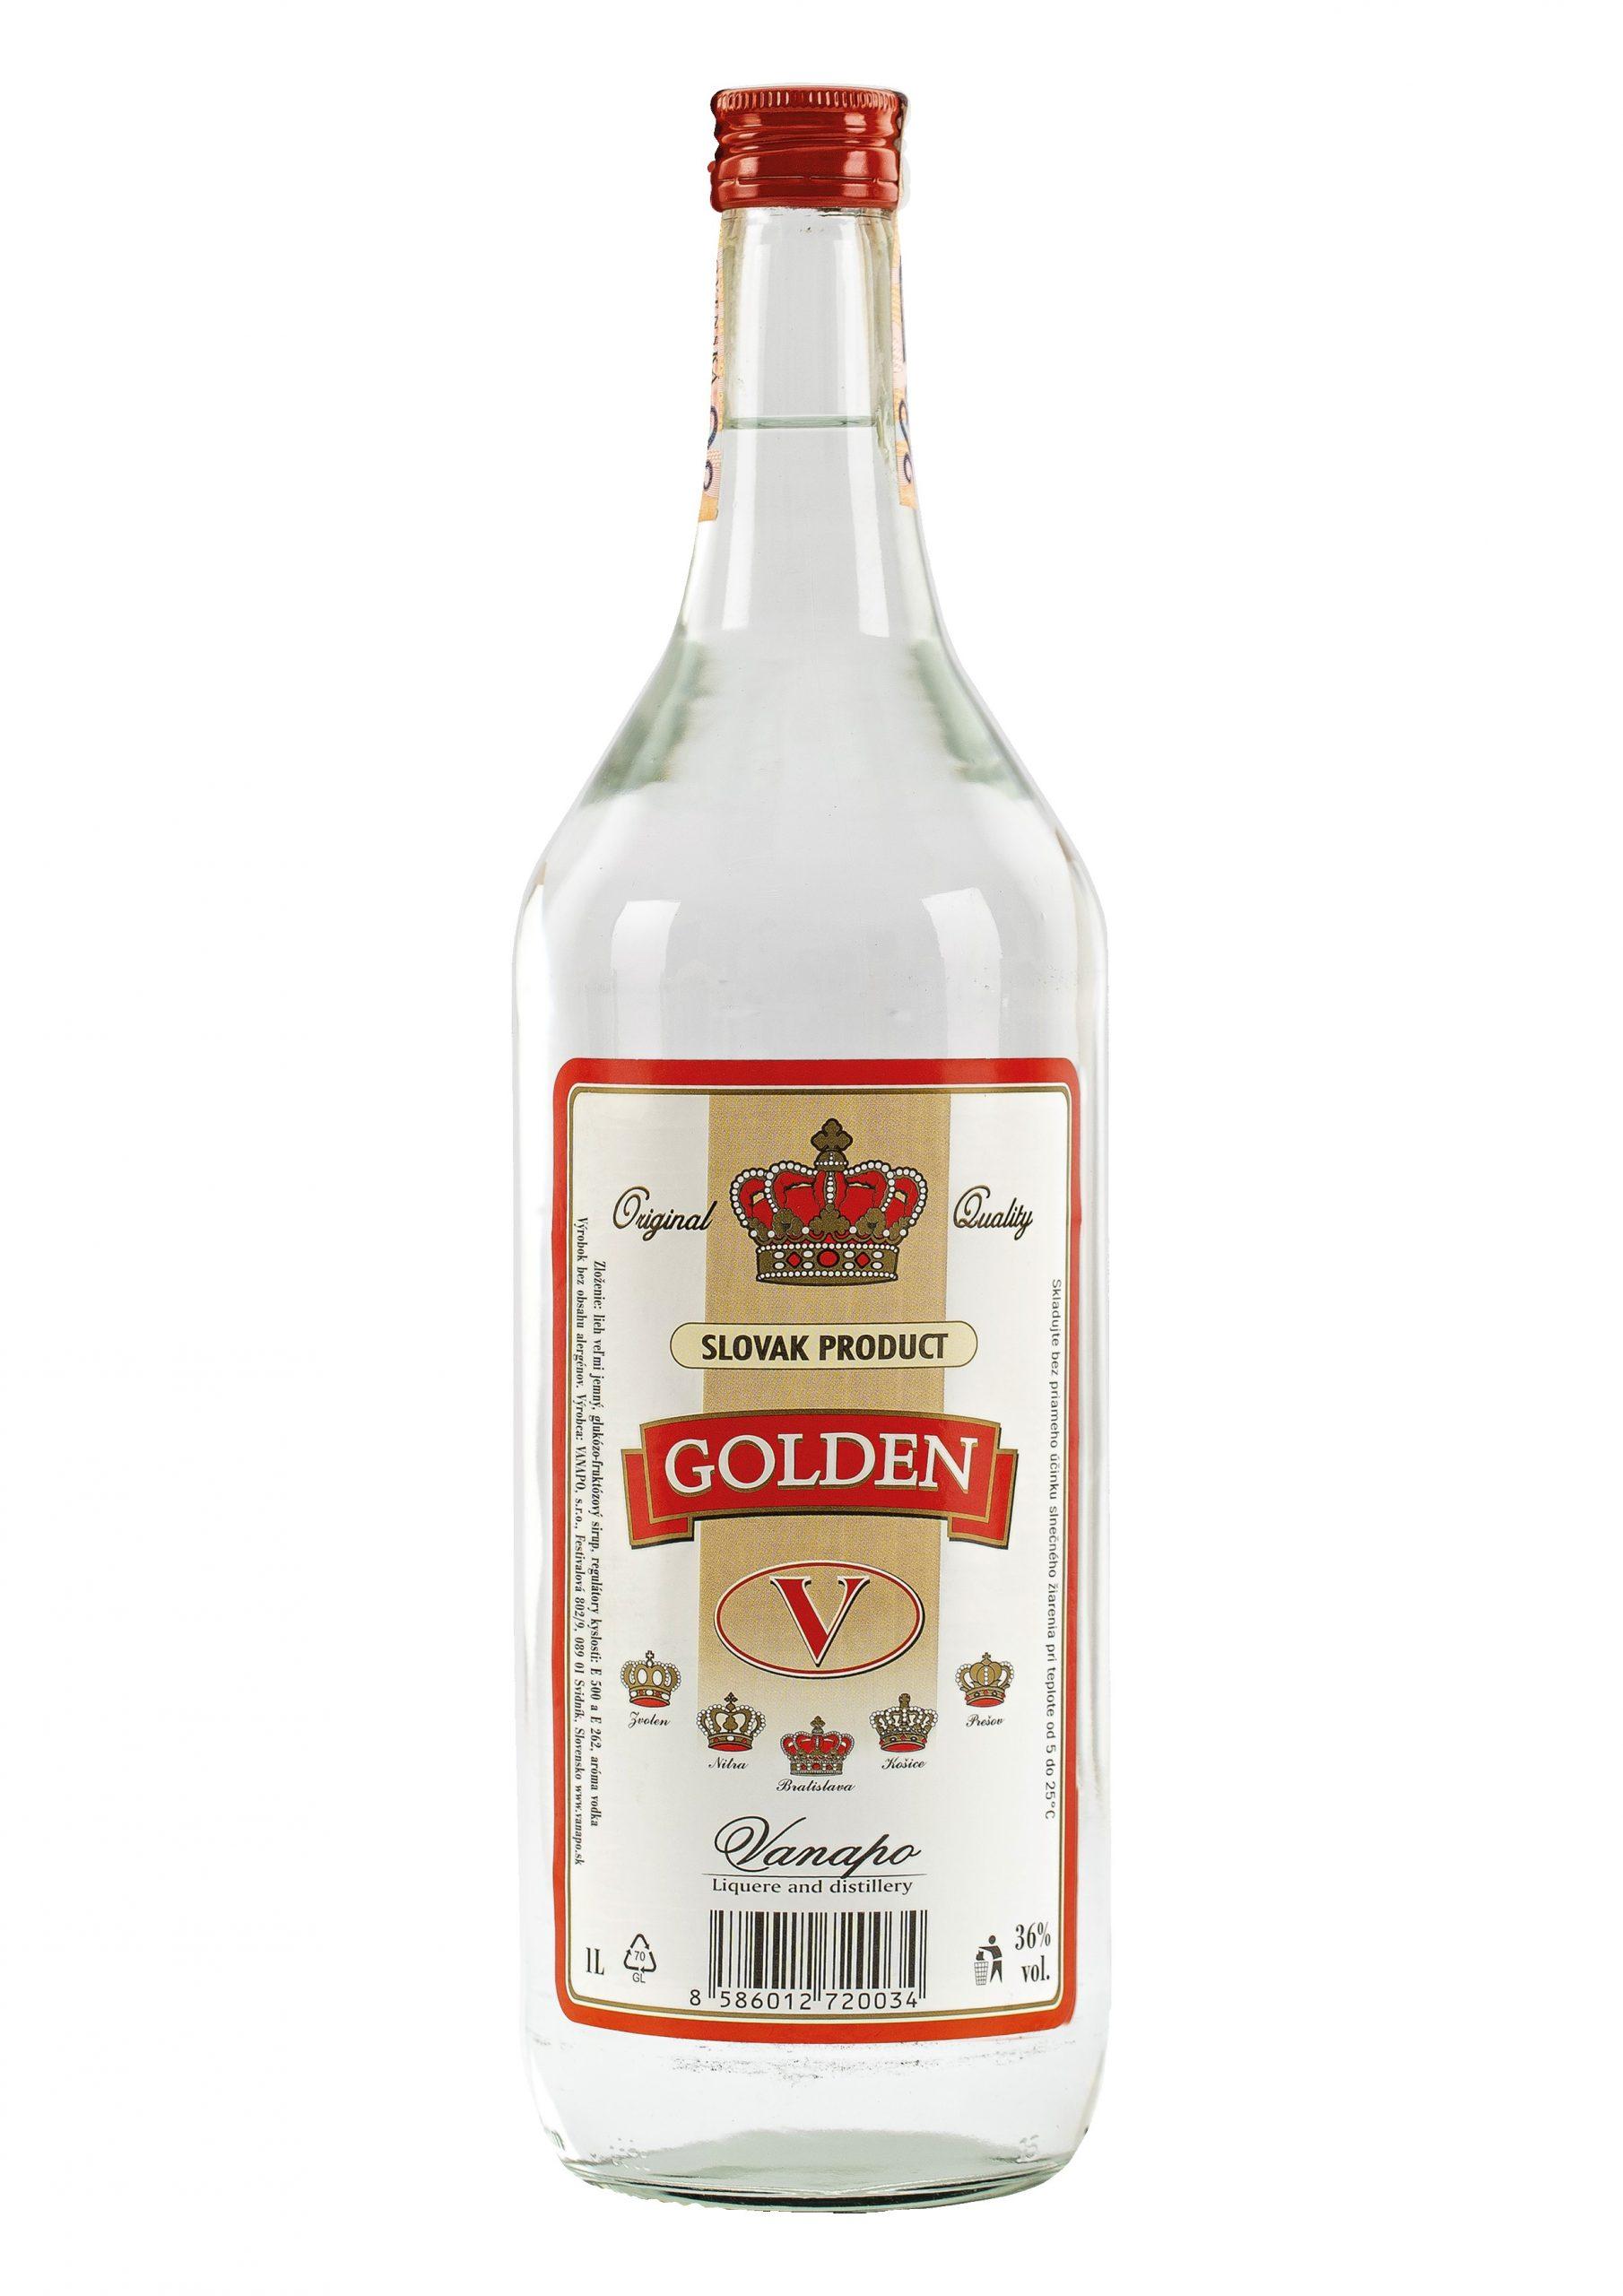 Vodka GOlden Royal 36 1L scaled 1 - Golden Royal V